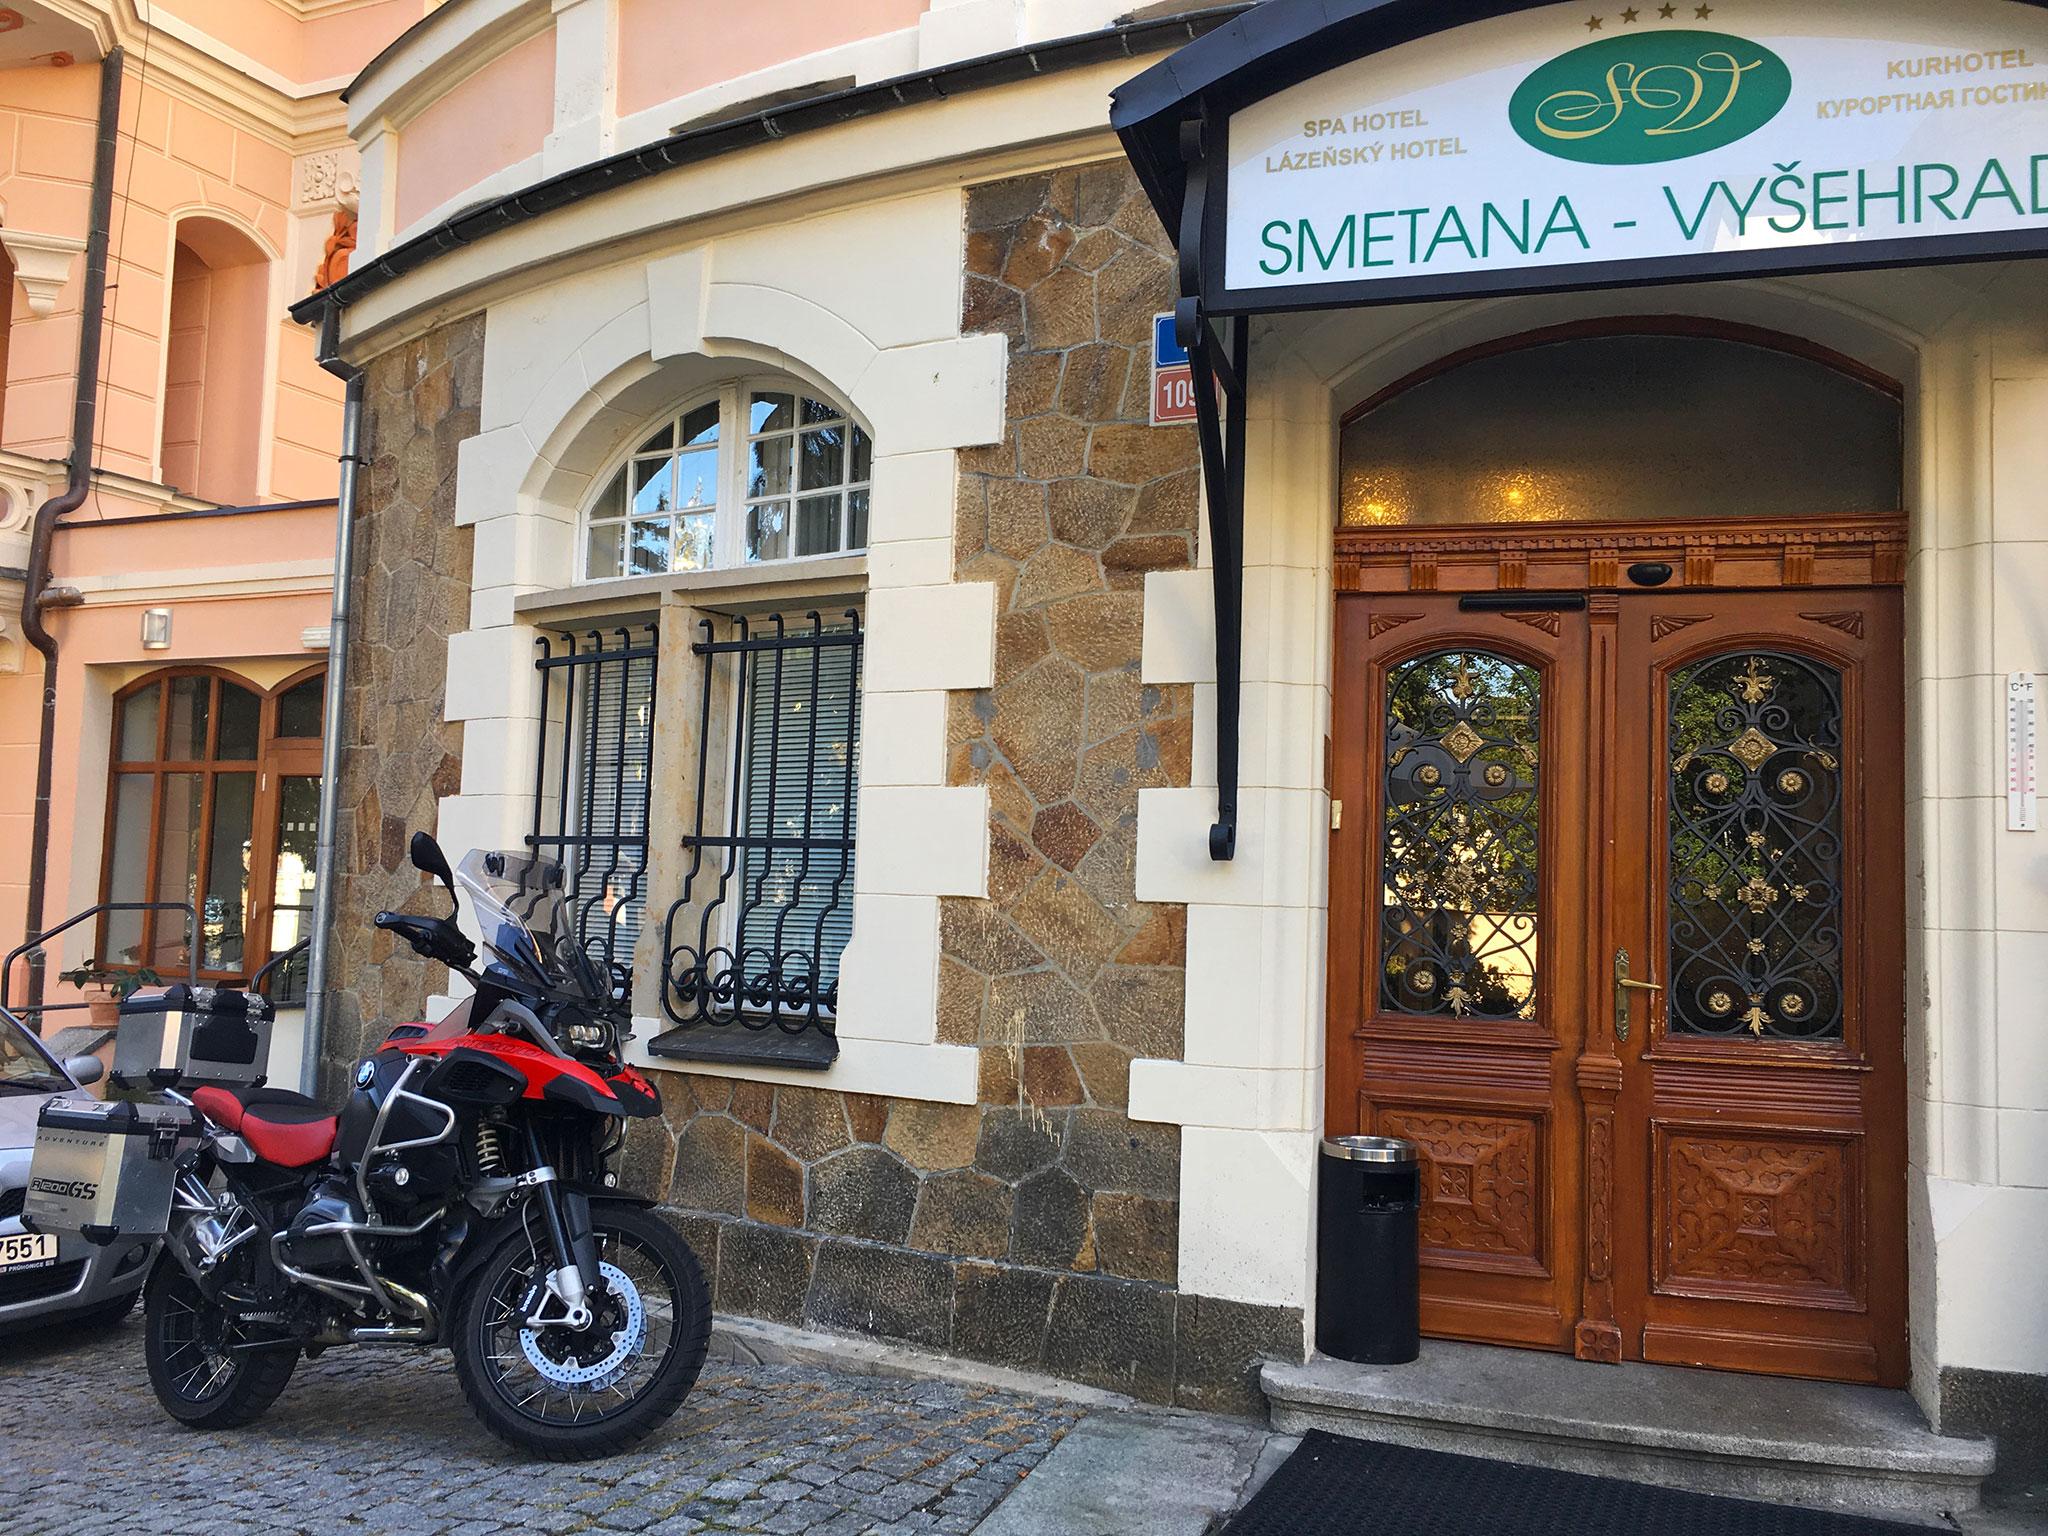 Lazensky Hotel Smetana